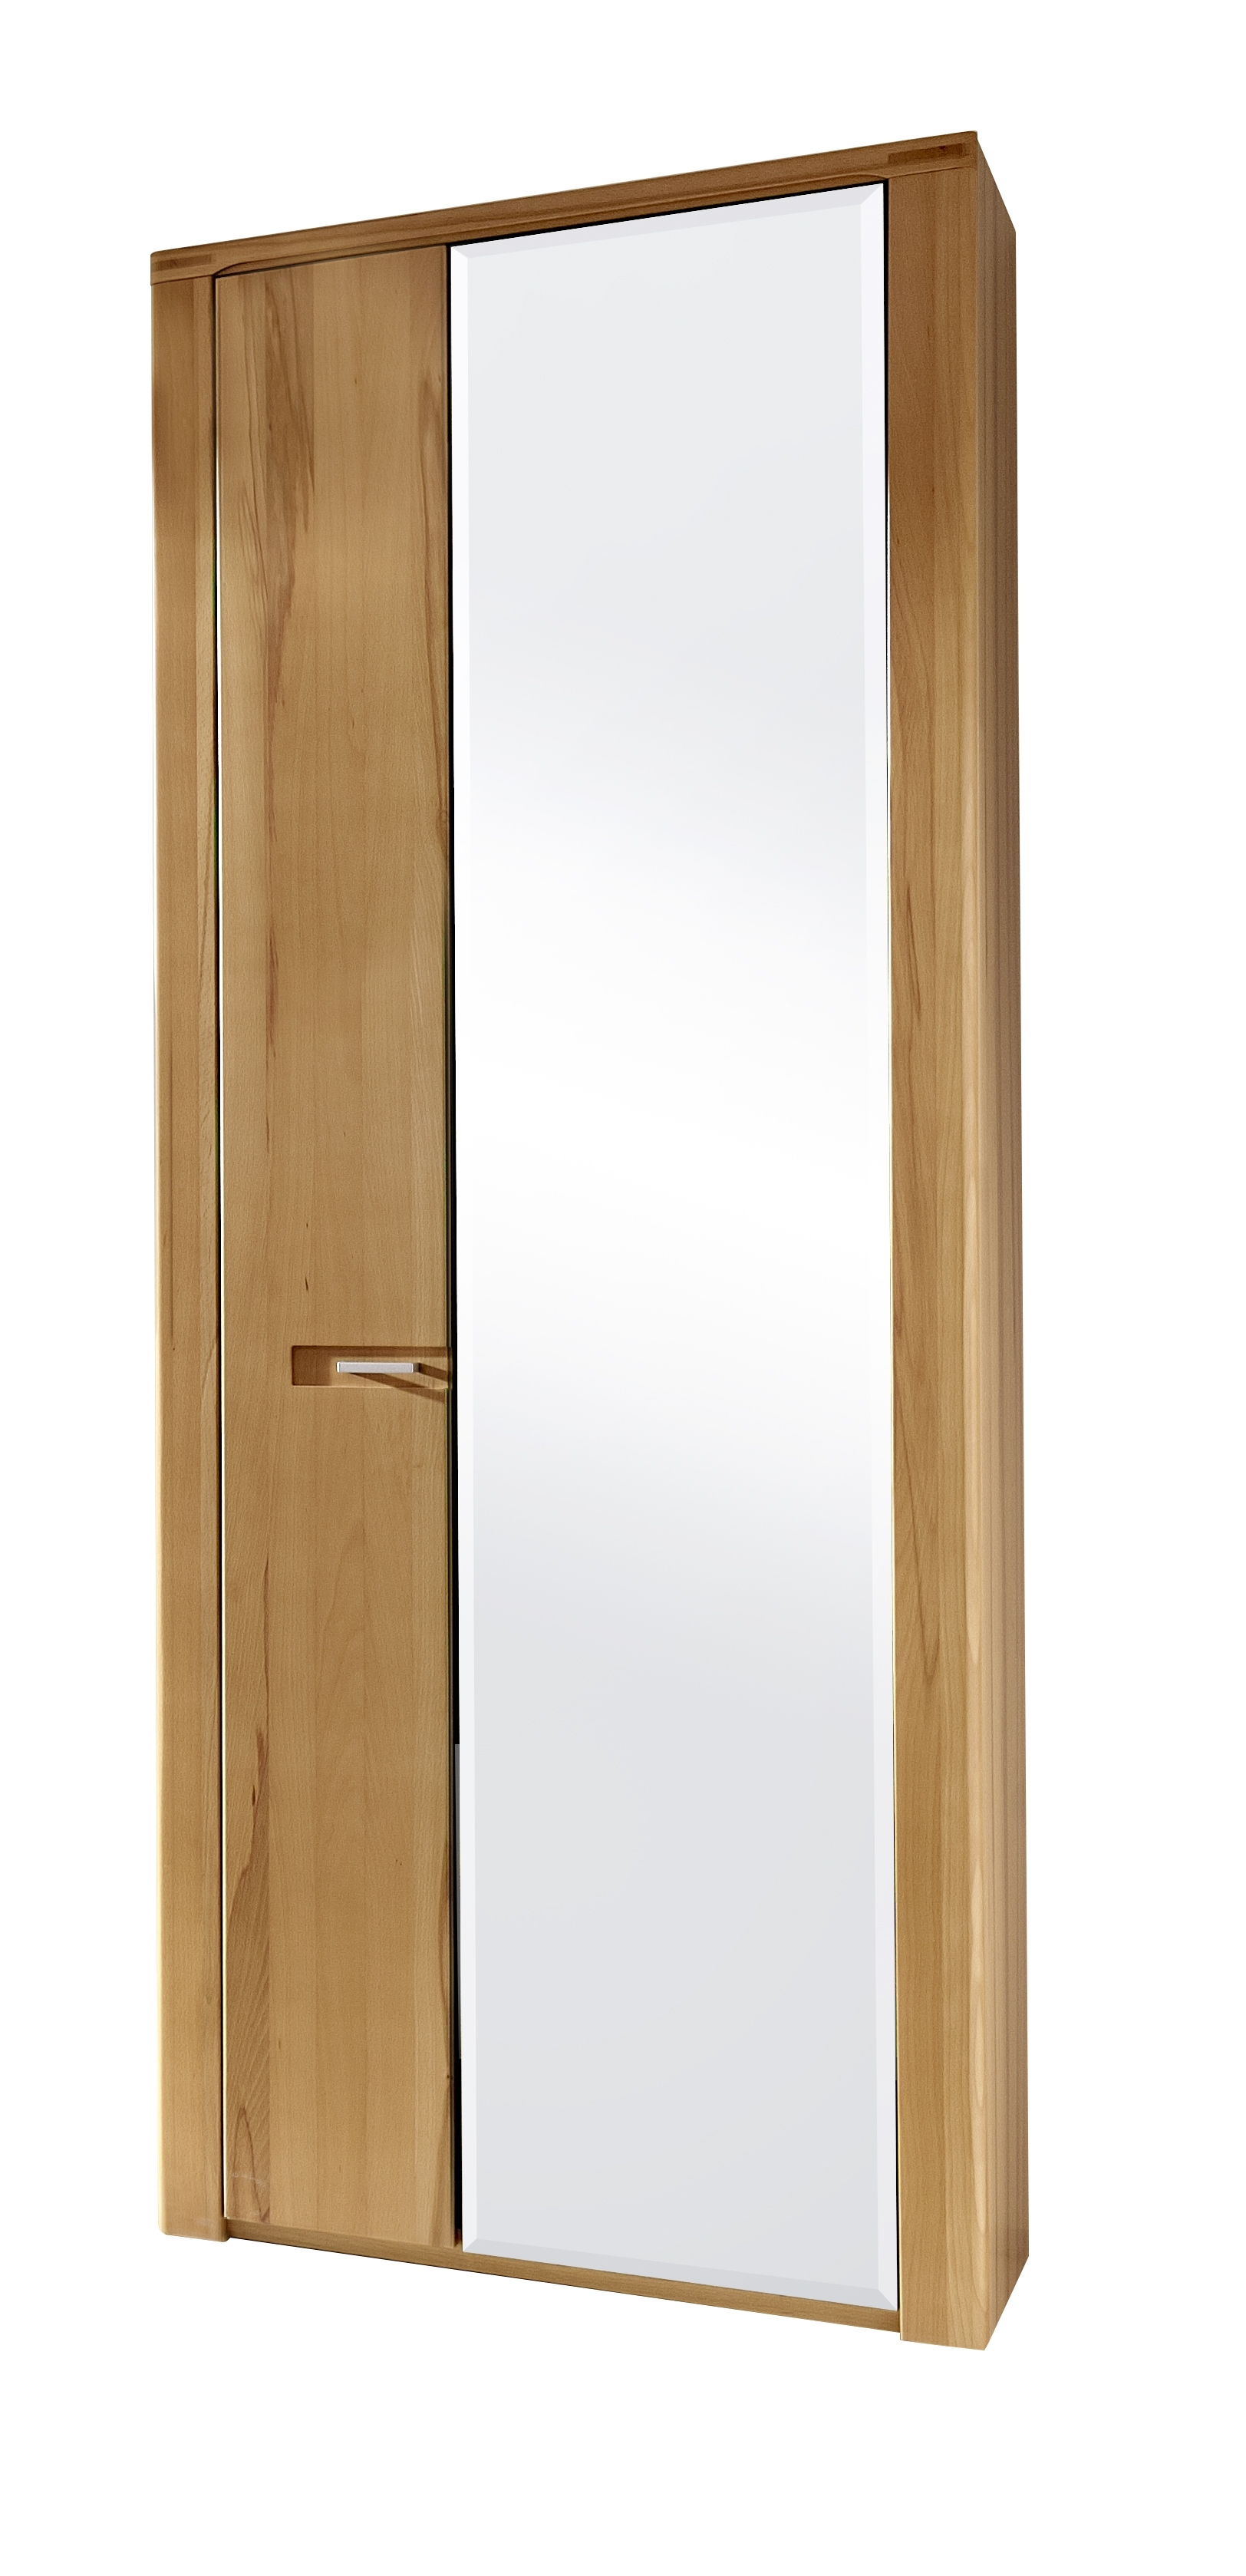 Dulap hol din pal cu oglinda cu 2 usi, Natur Plus, l74xA40xH200 cm